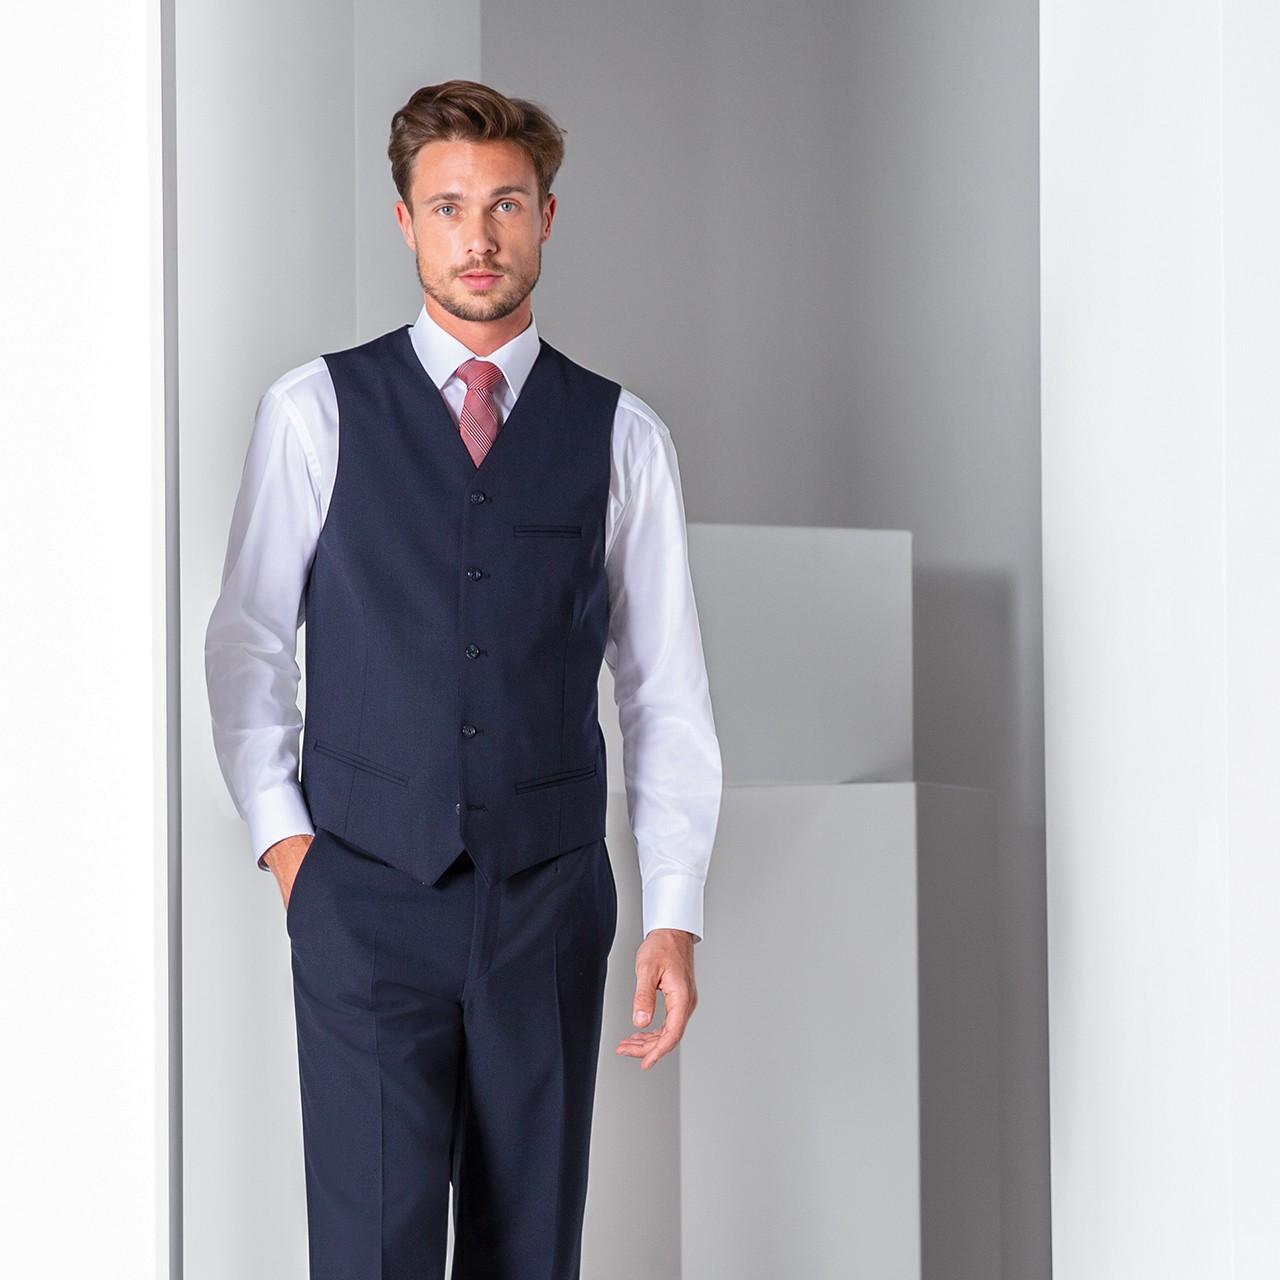 Herren Weste Comfort Fit Greiff® | bedrucken, besticken, bedrucken lassen, besticken lassen, mit Logo |